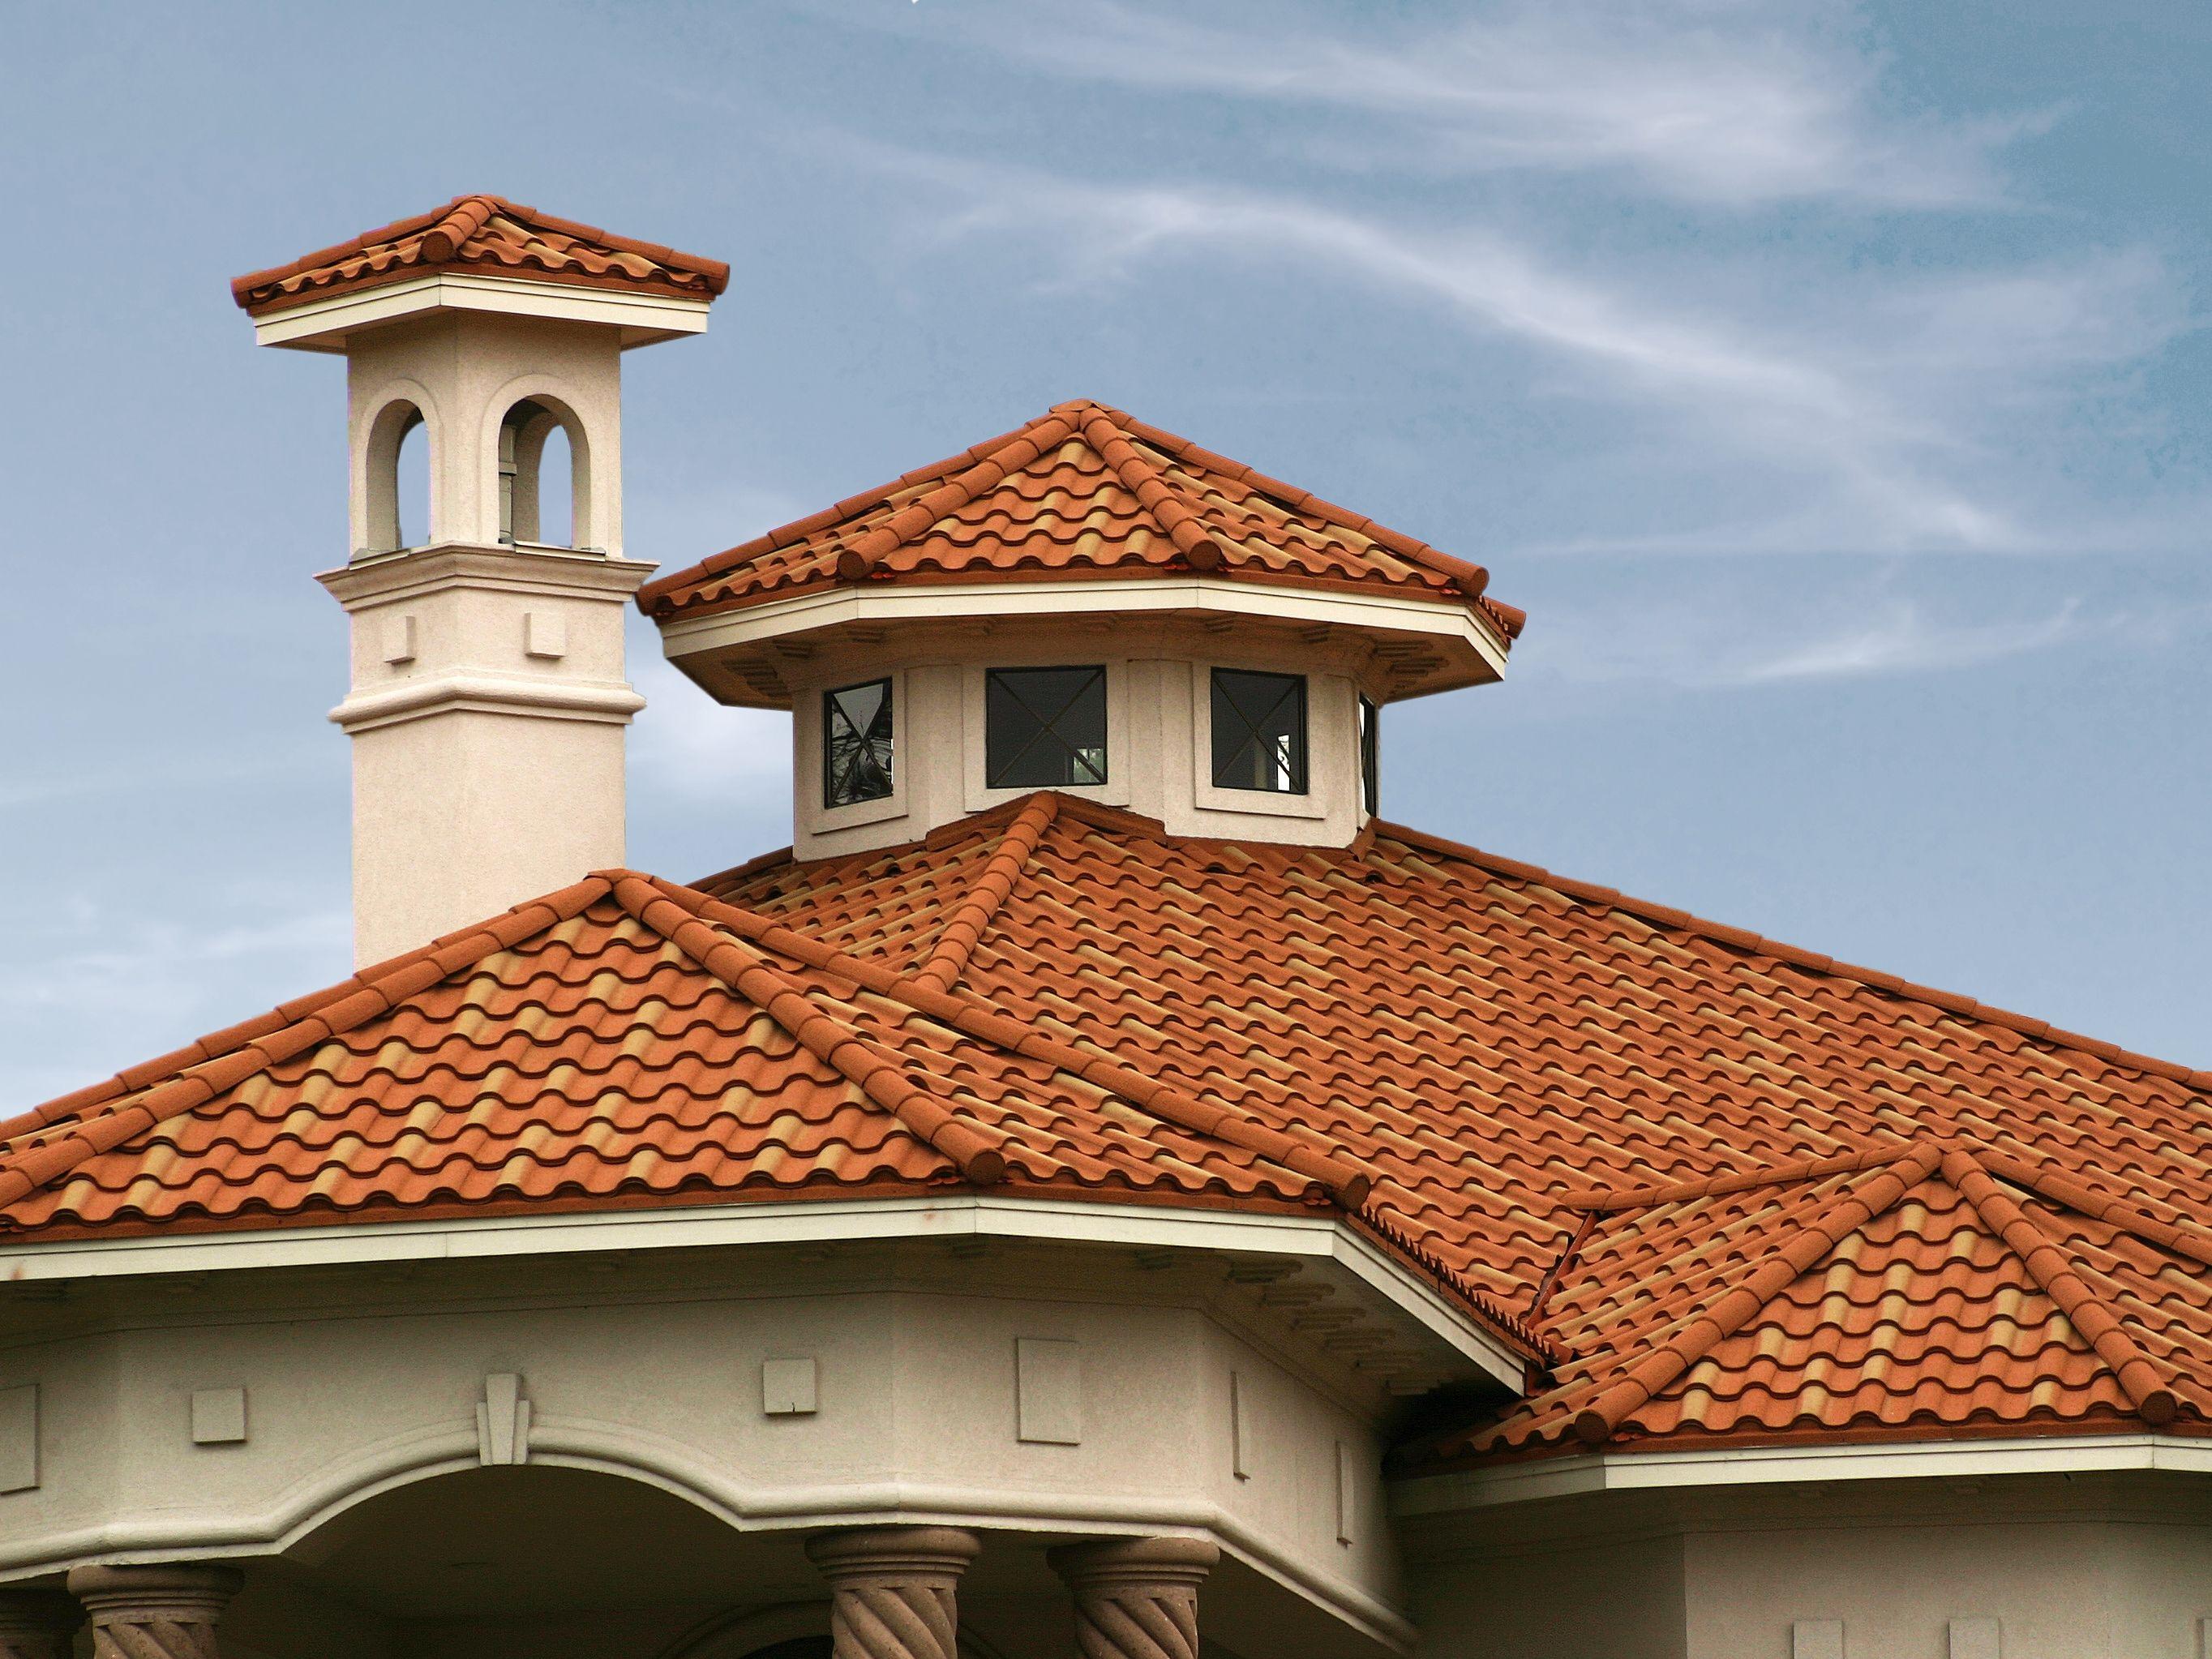 Best Decra Villa Tile Large 1 Jpg 2728×2046 Decra Roofing 400 x 300